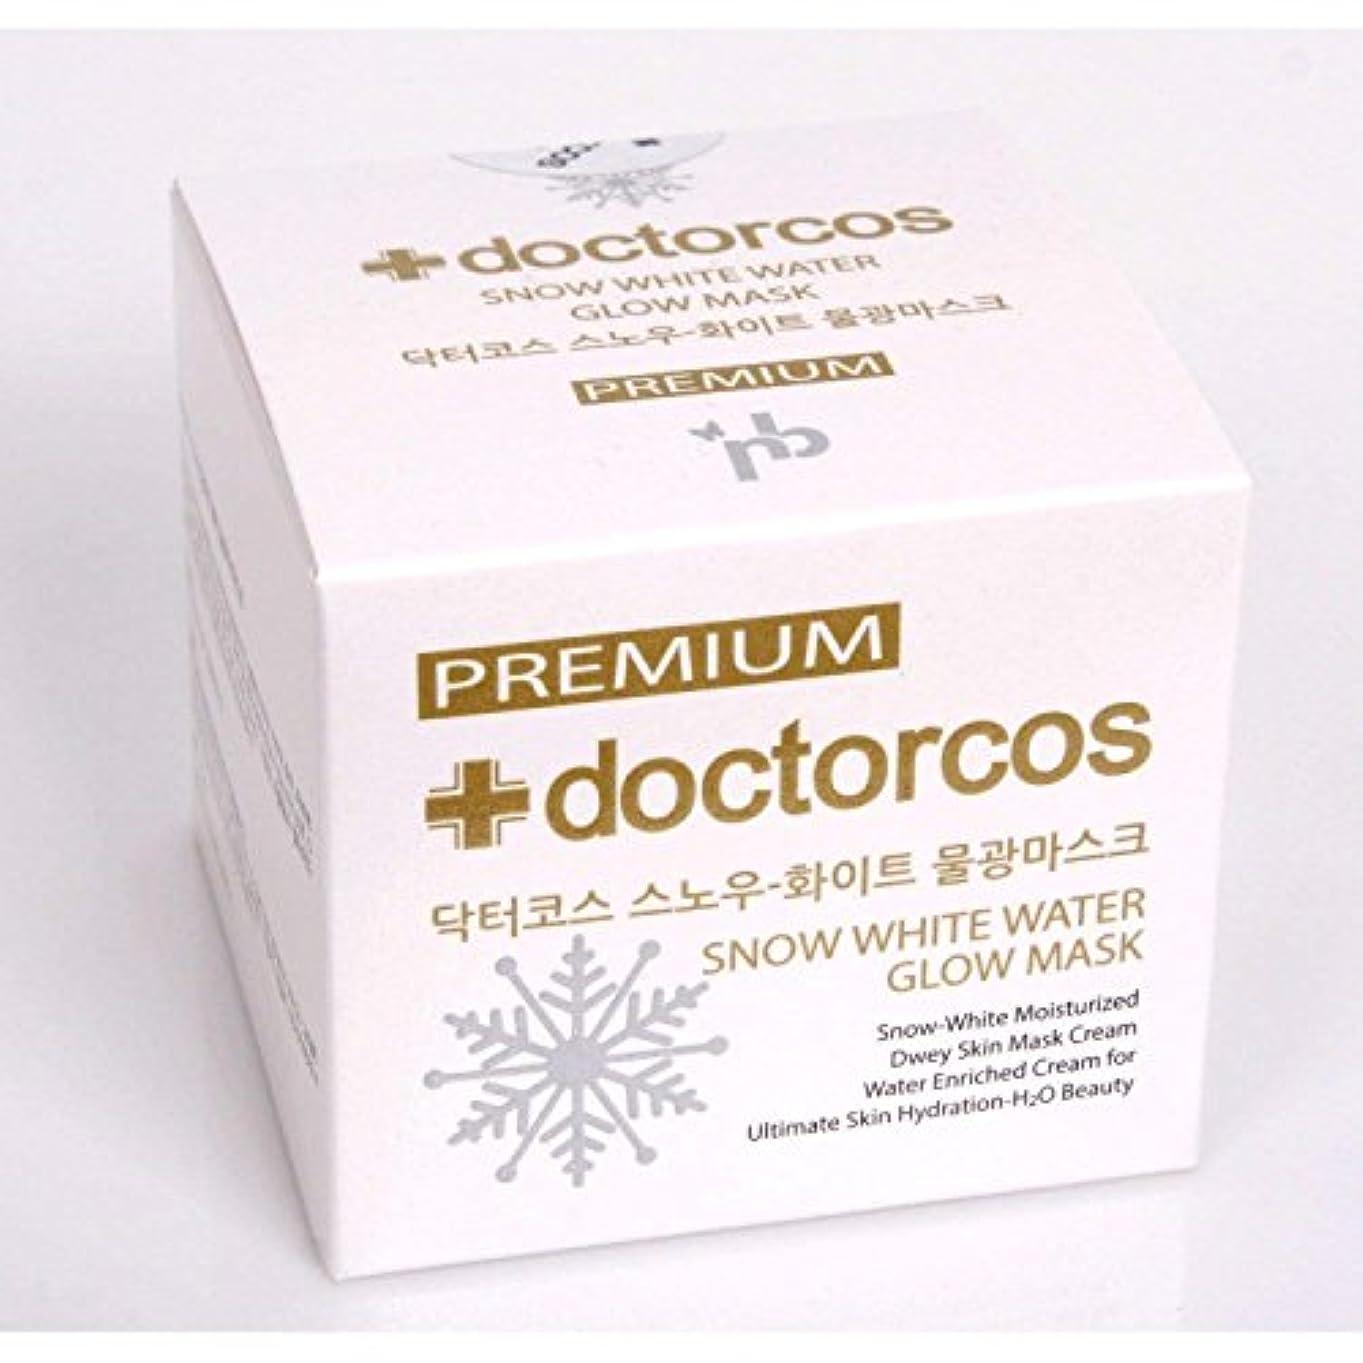 道に迷いました鋸歯状連合[DOCTORCOS] ドクターコス スノー?ホワイト水光あふれるマスク/DOCTORCOS SNOW WHITE WATER GLOW MASK PREMIUM 110ml / 韓国コスメ 100% Authentic...